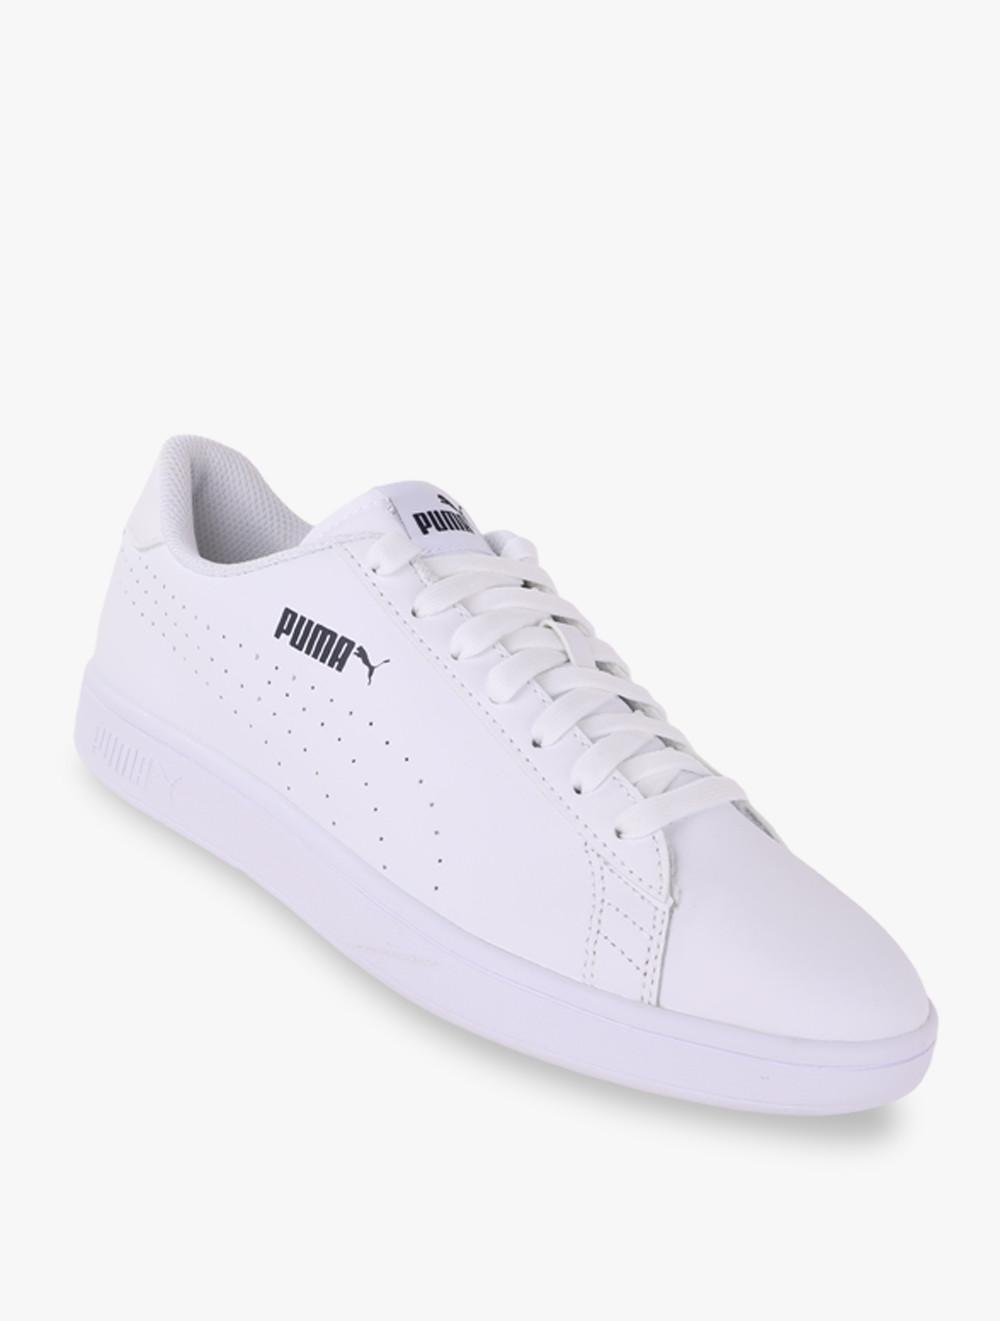 Puma Smash V2 L Perf - Sepatu Pria - Putih 34129c2913